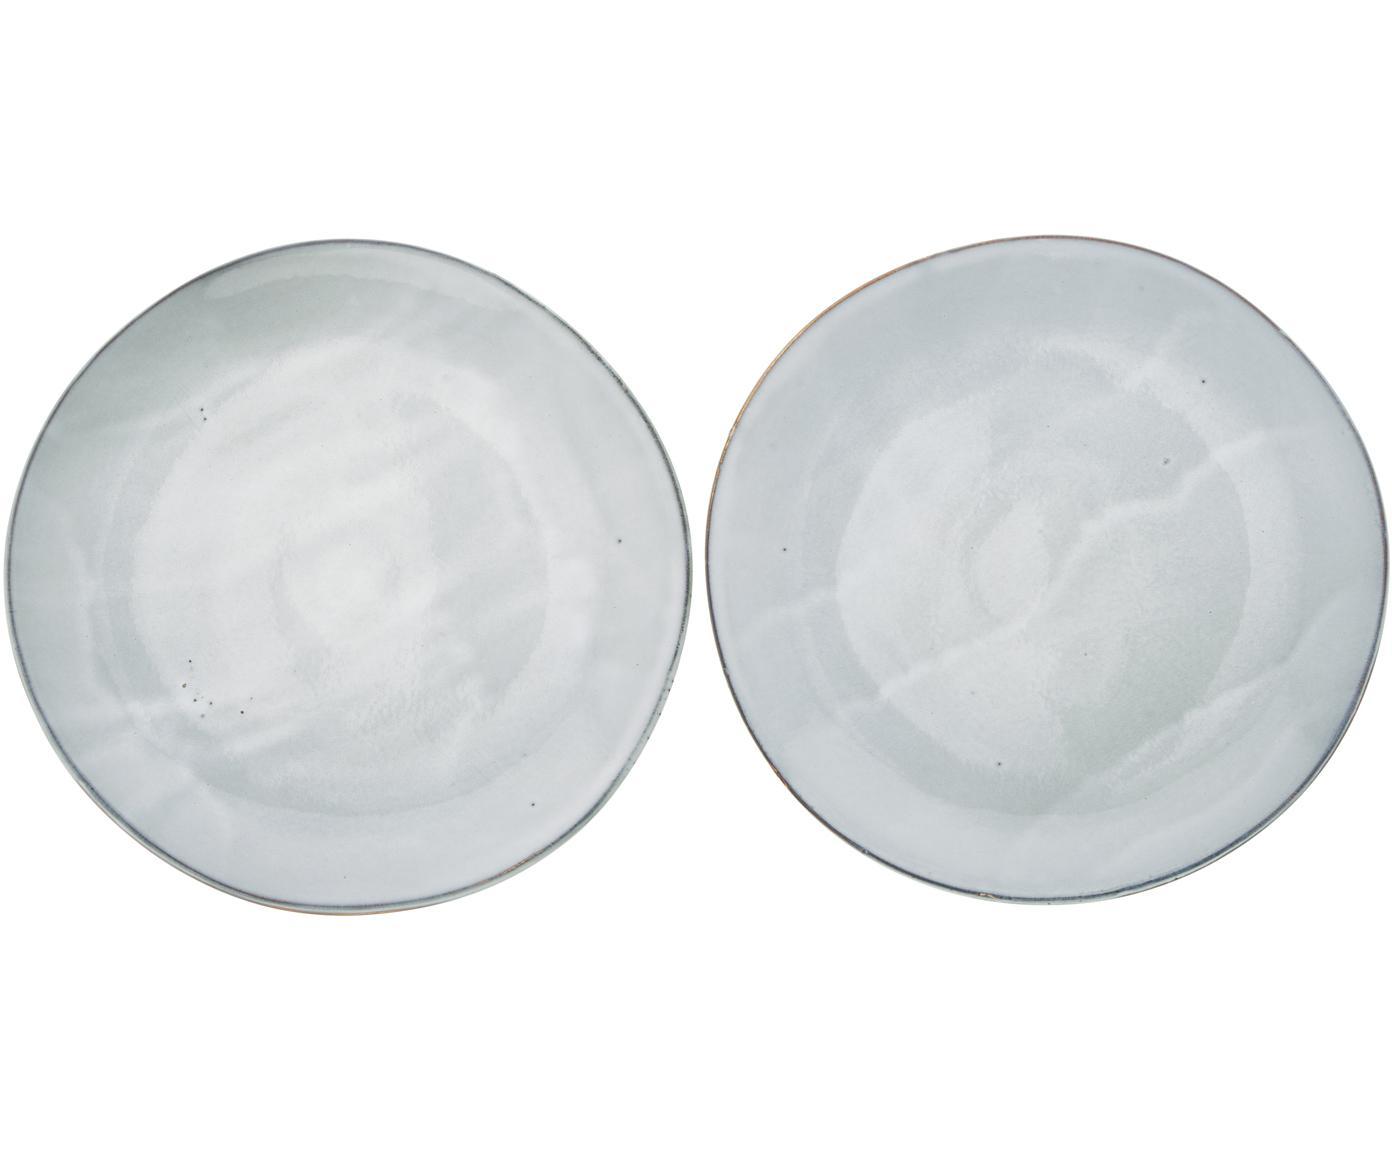 Handgemachte Speiseteller Thalia, 2 Stück, Steinzeug, Blaugrau mit dunklem Rand, Ø 27 cm